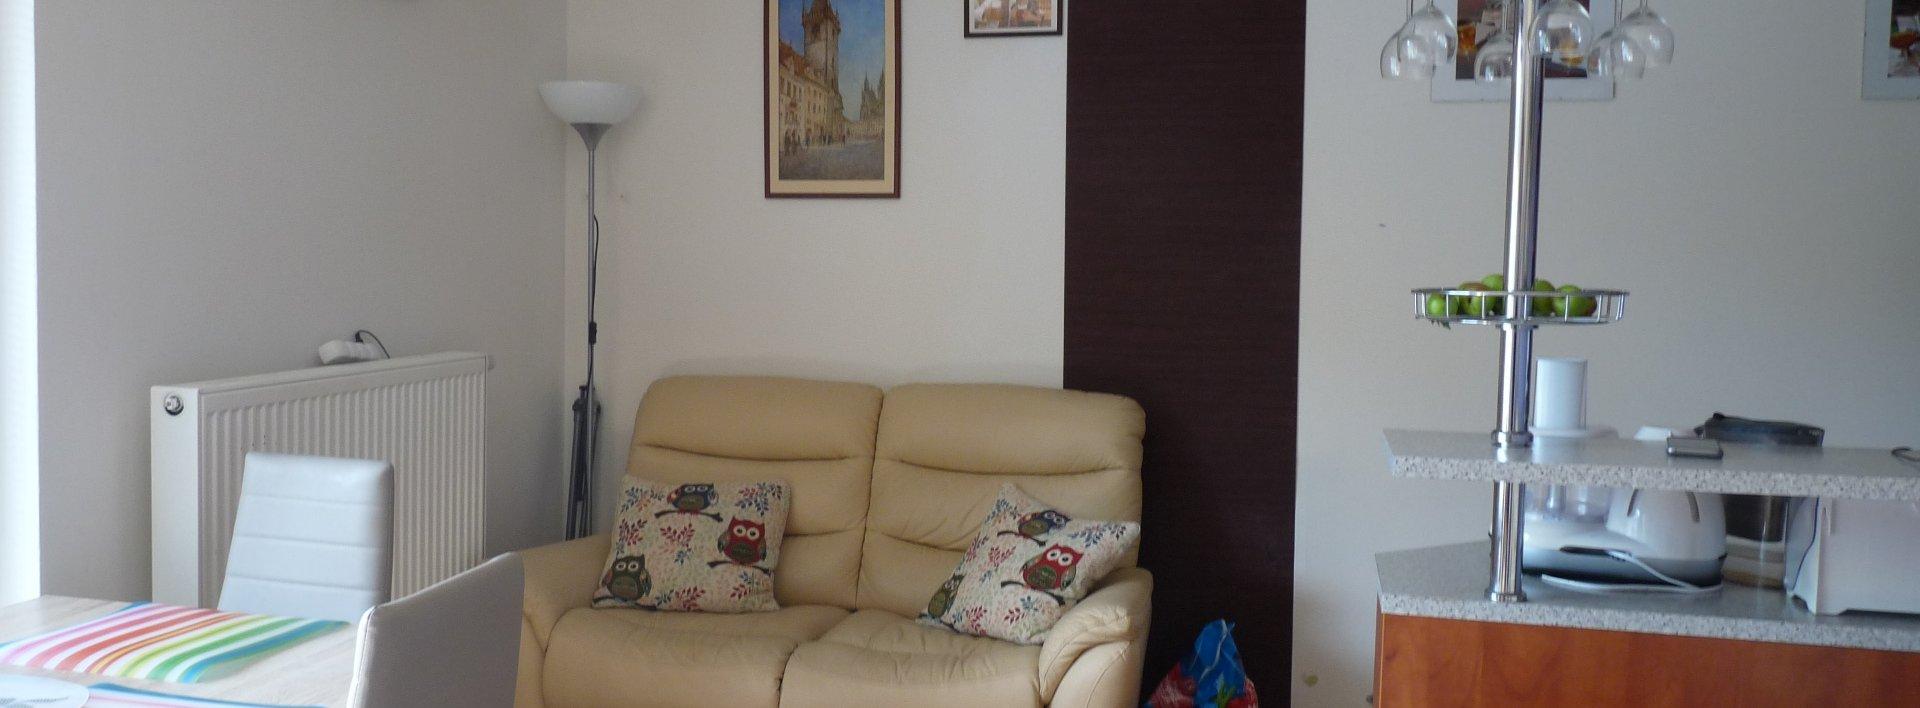 Prodej moderního družstevního bytu 3+kk v Kašmírové ulici, Liberec VI, Ev.č.: N49133